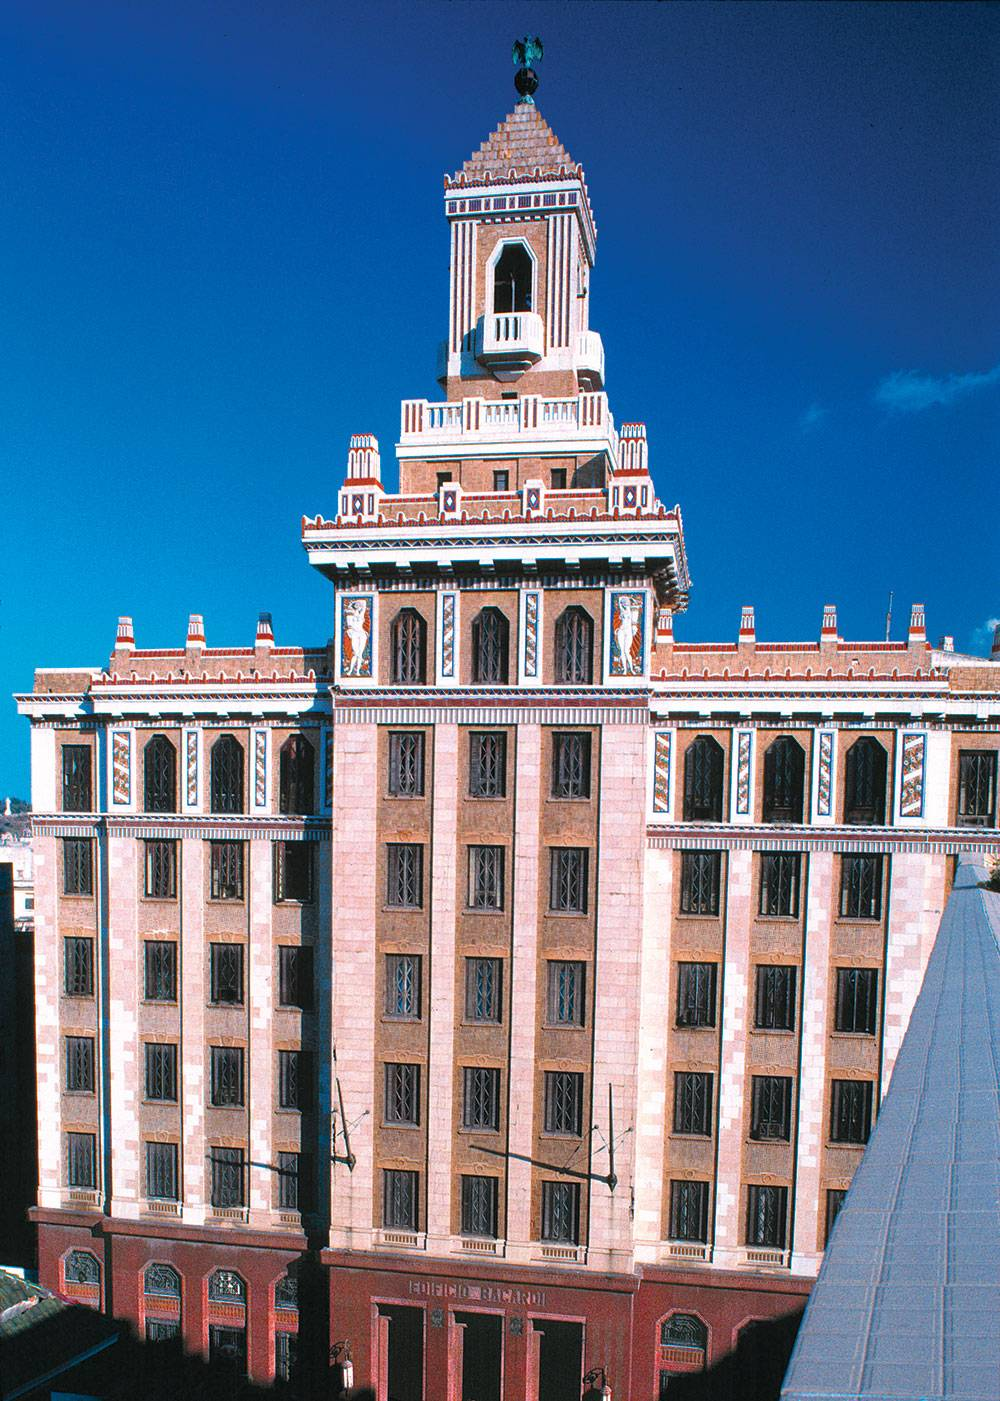 El Edificio Bacardi in Havana